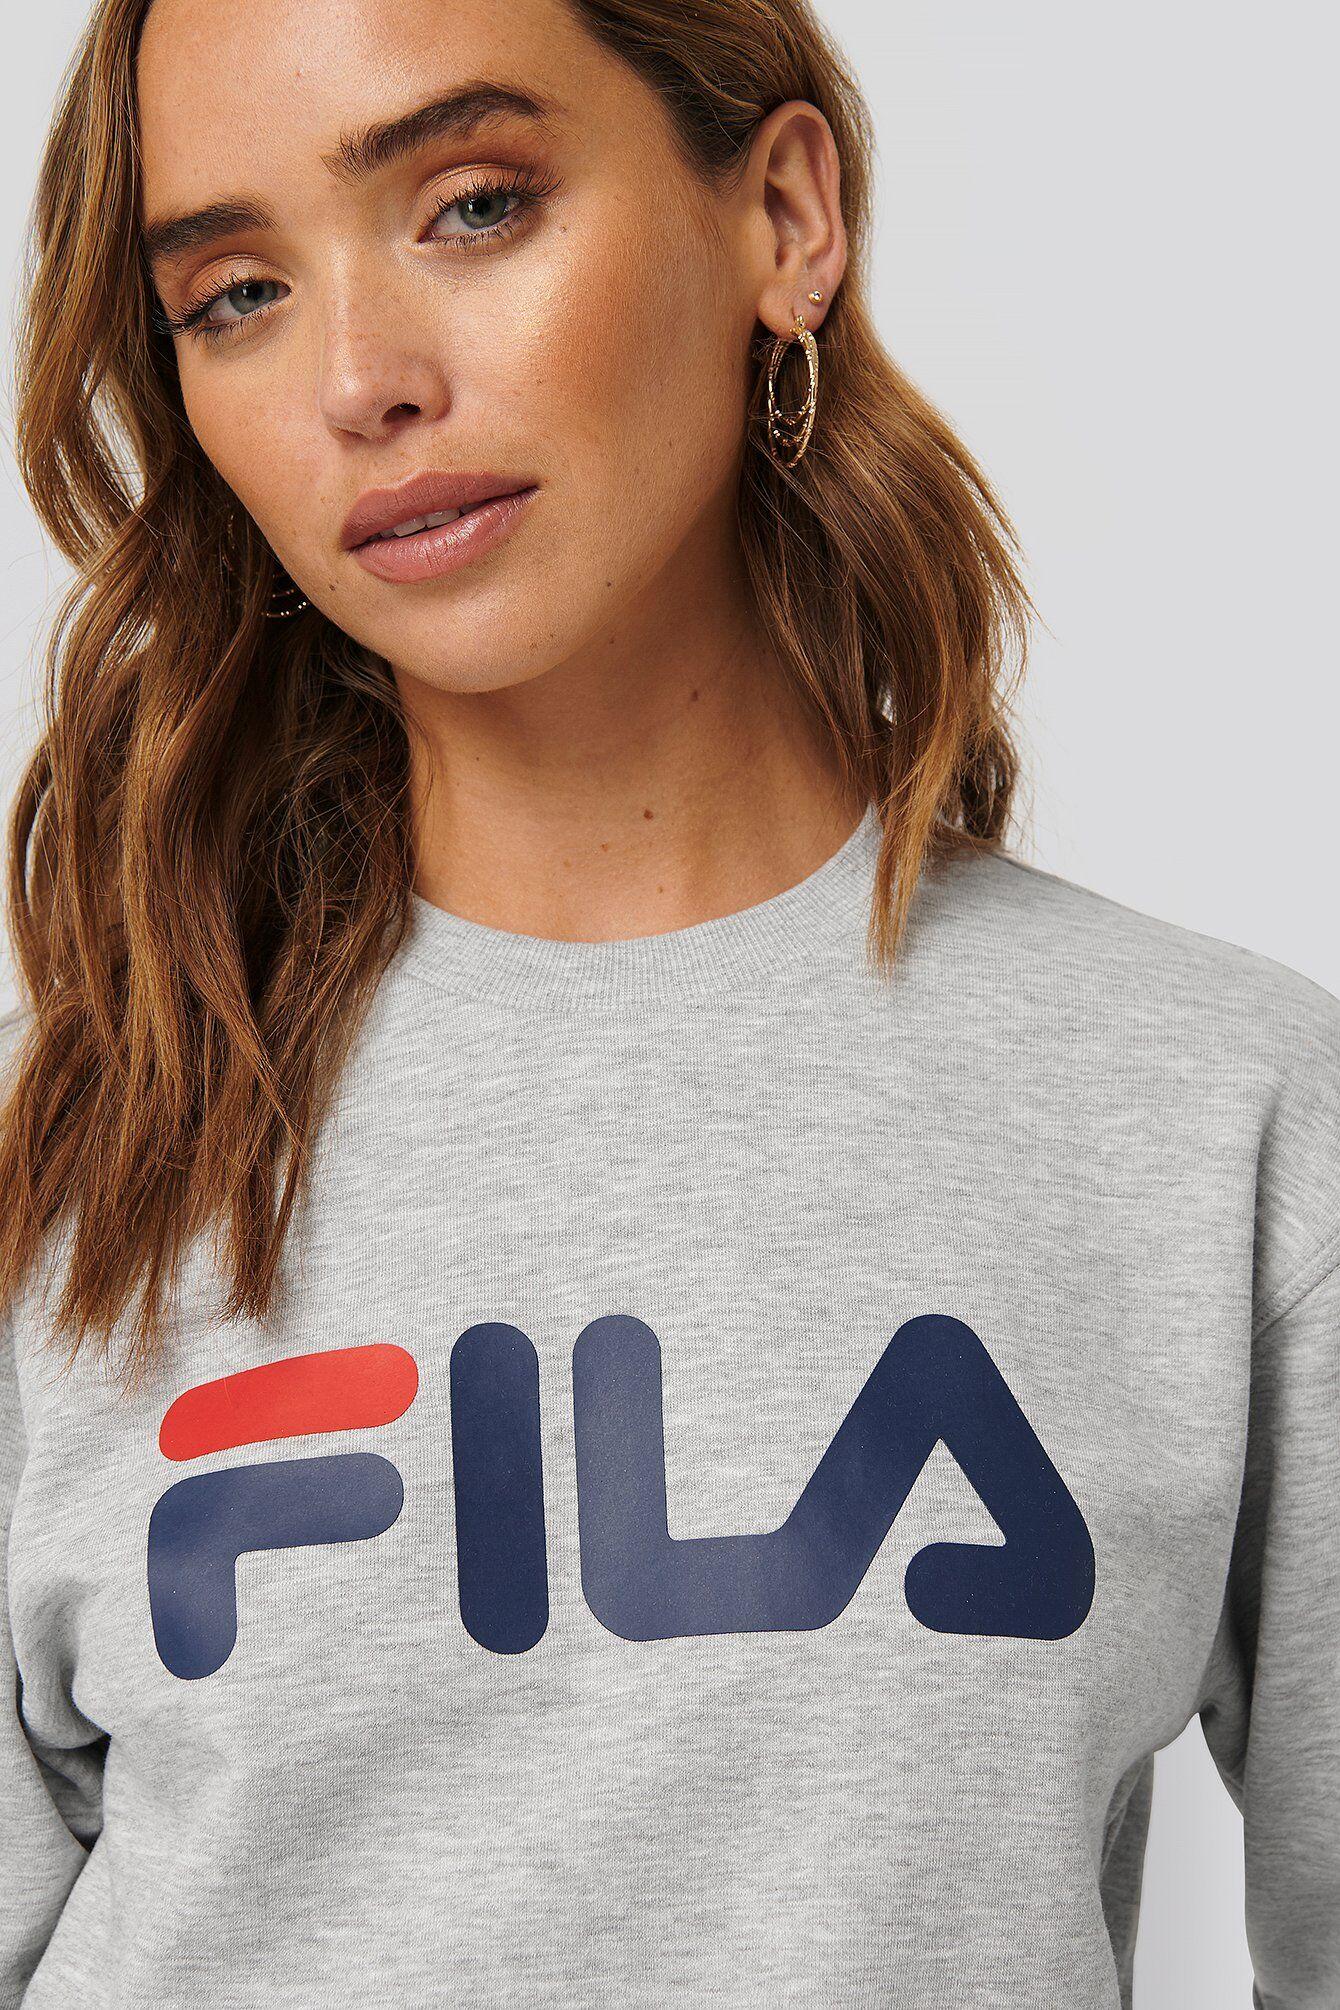 FILA Classic Pure Crew Sweat - Grey  - Size: Small